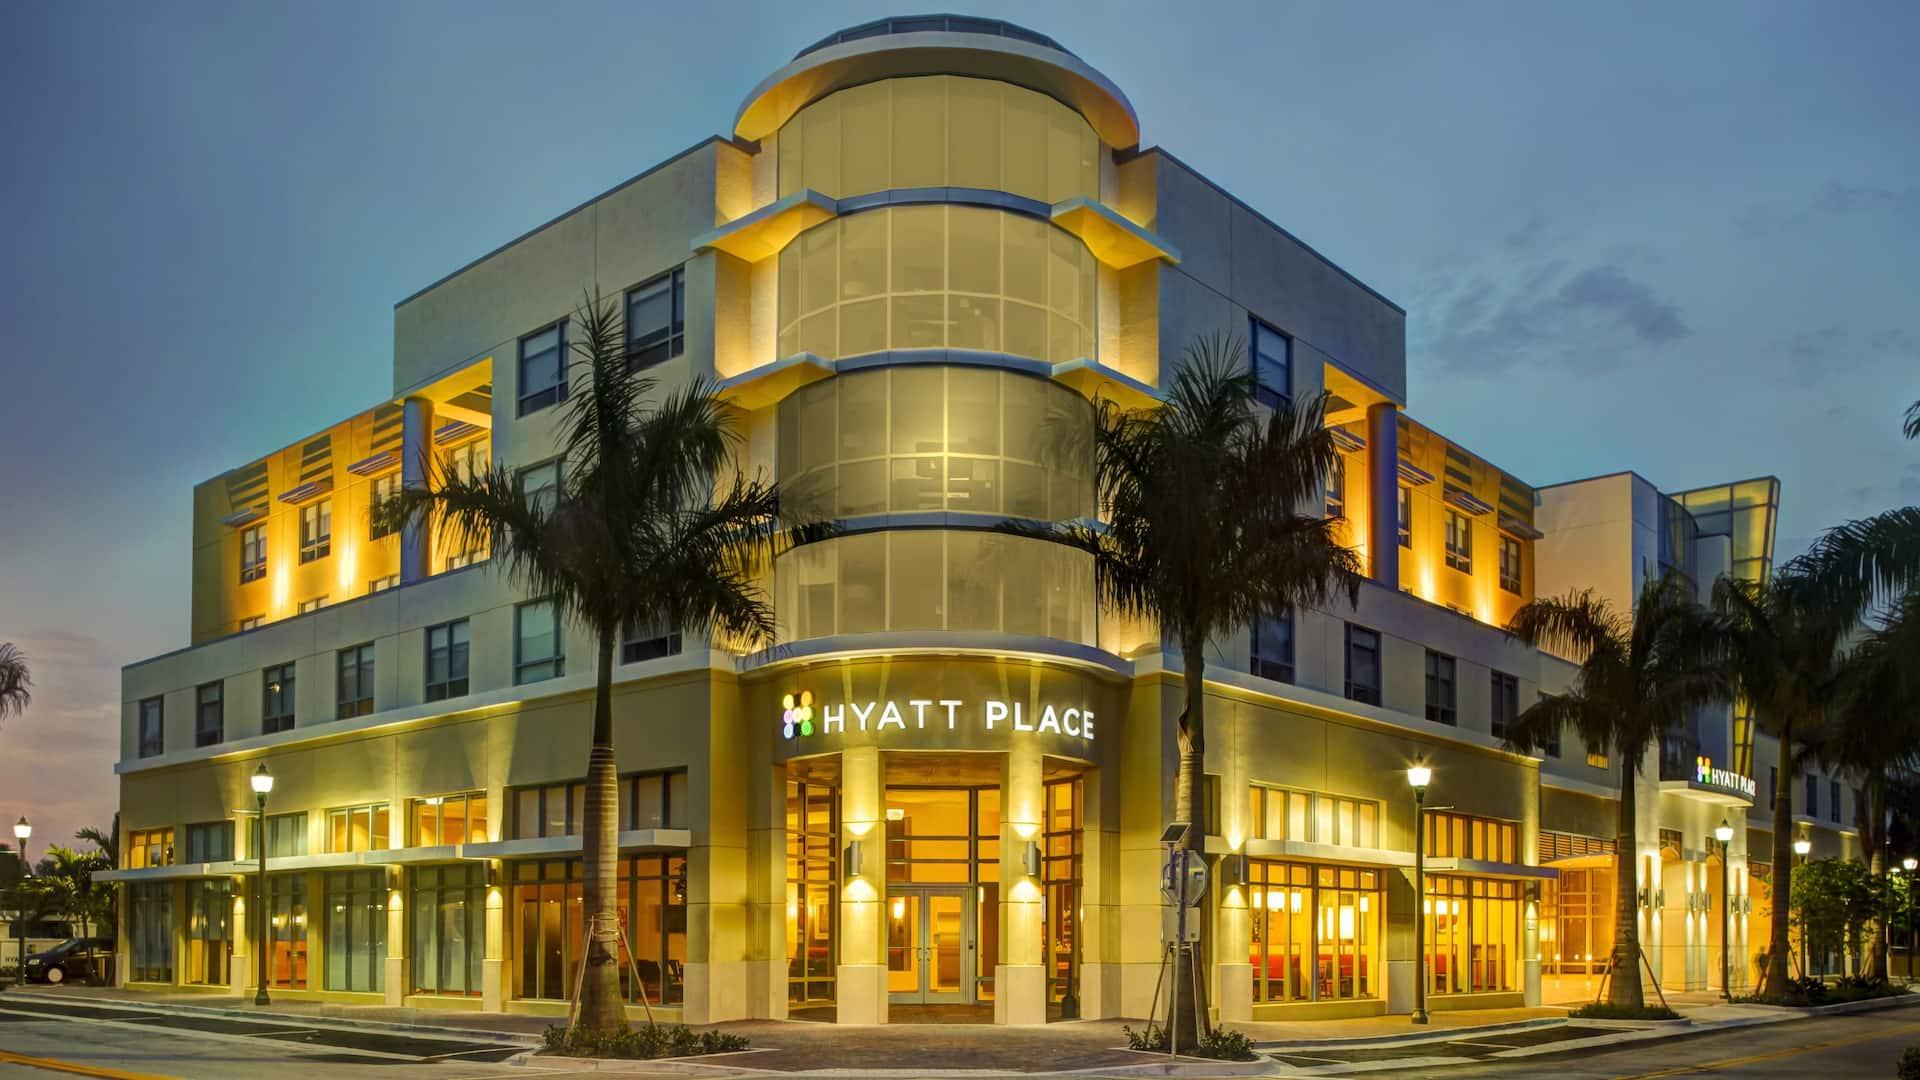 Hyatt Place Delray Beach Exterior